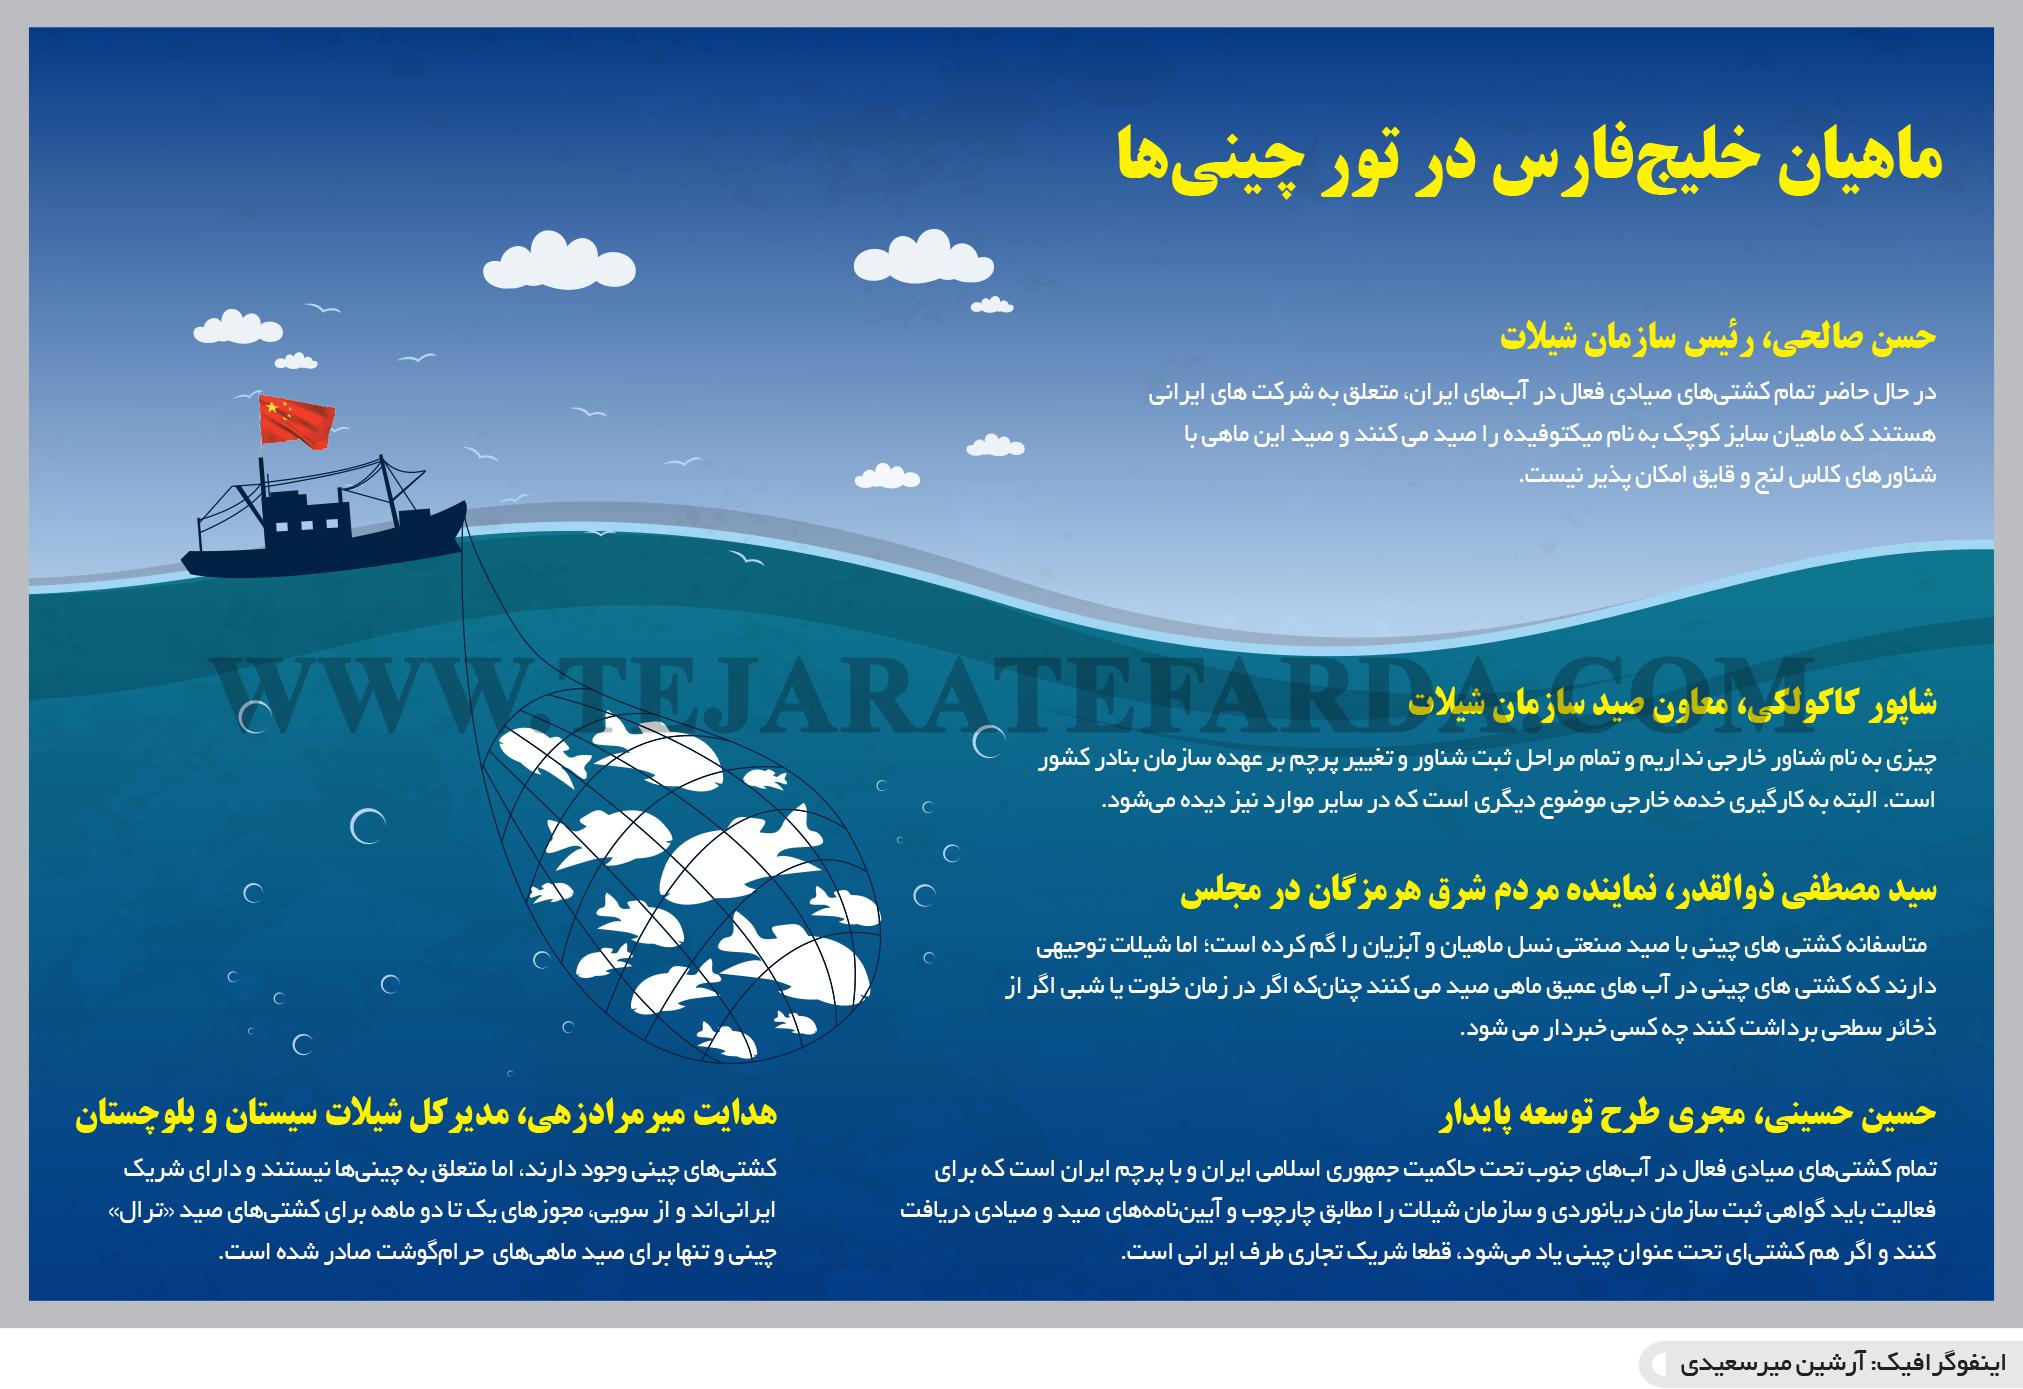 تجارت- فردا- ماهیان خلیجفارس در تور چینیها(اینفوگرافیک)